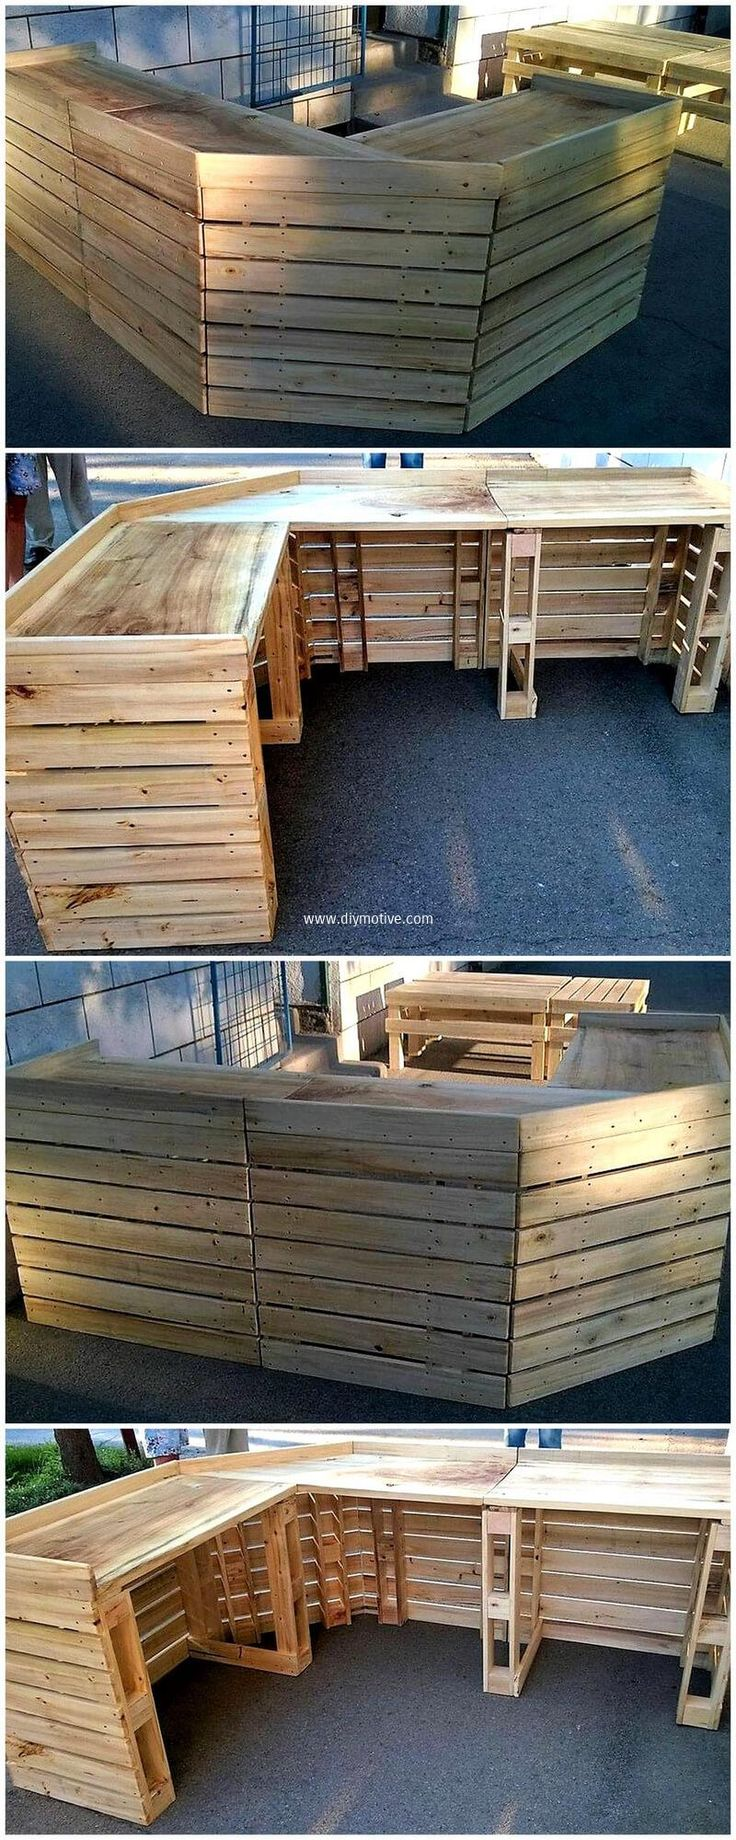 Best 25+ Wooden bar ideas on Pinterest | Wooden bar table, Wood pallet bar  and Wooden pallet ideas